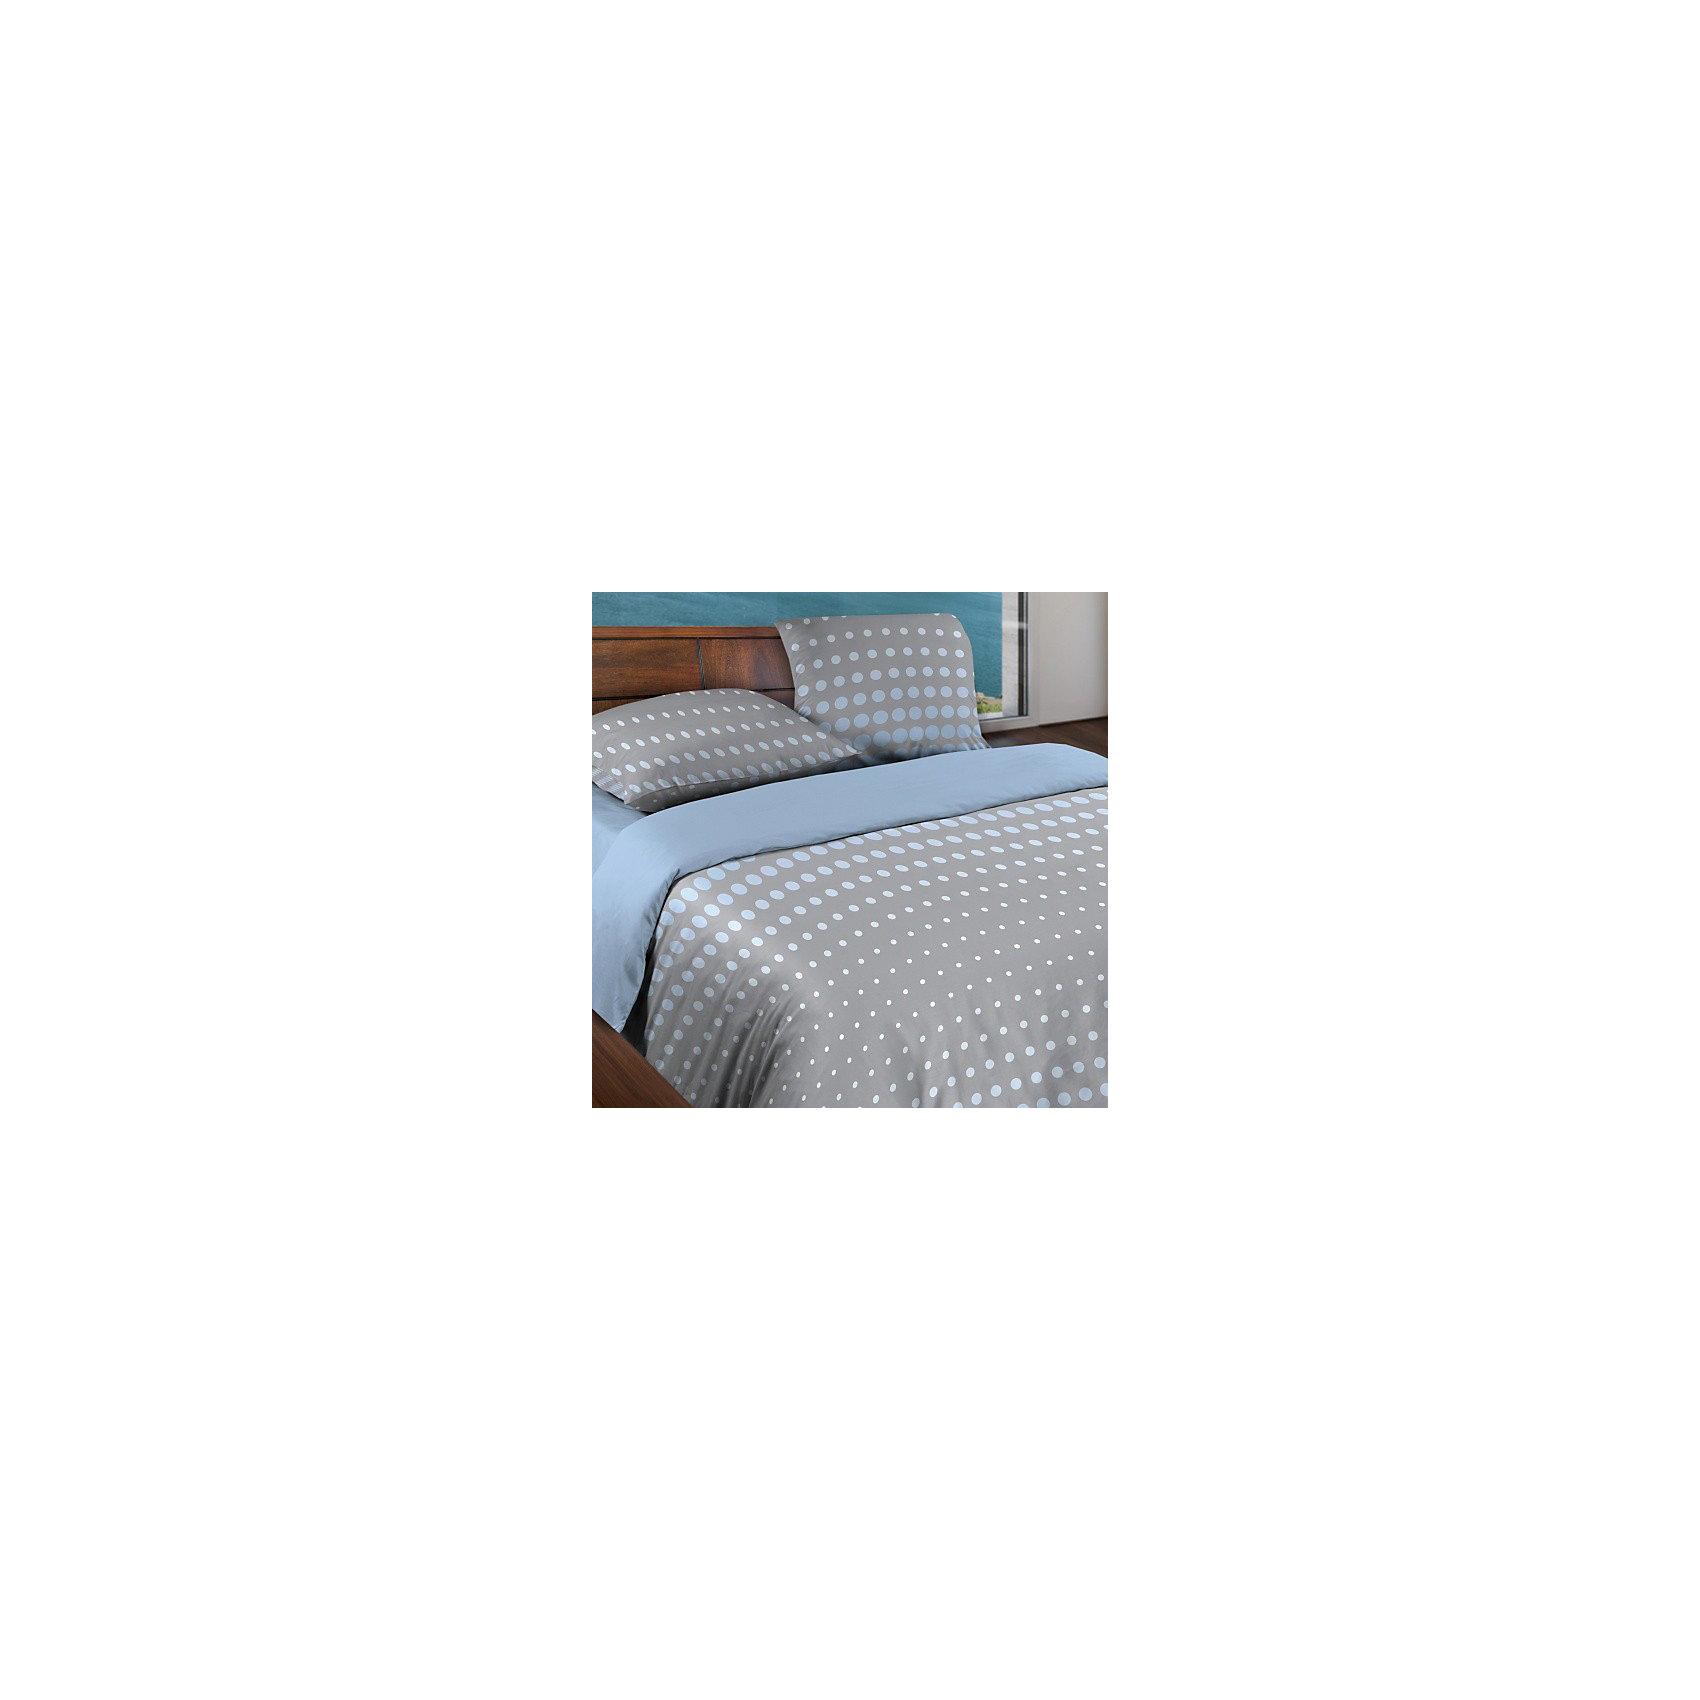 Постельное белье 2,0 сп. Dot Grey БИО Комфорт, Wenge MotionДомашний текстиль<br>Характеристики 2,0 спального комплекта постельного белья   Dot Grey  БИО Комфорт, Wenge Motion:<br><br>- производитель: Неотек<br>- материал: бязь<br>- состав: 100% хлопок<br>- размер комплекта: двуспальный<br>- размер пододеяльника: 175х215 см.<br>- размер простыни: 215х220 см.<br>- размер наволочек: 70*70 (2 шт)<br>- упаковка комплекта: книжка пвх<br>- страна бренда: Россия<br>- страна производитель: Россия<br><br>2,0 спальный комплект постельного белья  Dot Grey БИО Комфорт серии Wenge Motion выполнен  из улучшенной ткани БИО комфорт полотняного переплетения, выполненной из натурального 100% хлопка. Ткань БИО комфорт - приятная и мягкая на ощупь, имеет ровную и гладкую поверхность, на которой значительно лучше смотрится качество и яркость печати рисунка. Ткань - экологически чистая и гипоаллергенная, не теряет яркости при стирке.<br><br>Комплекта постельного белья  Dot Grey серии Wenge Motion можно купить в нашем интернет-магазине.<br><br>Ширина мм: 370<br>Глубина мм: 70<br>Высота мм: 370<br>Вес г: 2100<br>Возраст от месяцев: 216<br>Возраст до месяцев: 1188<br>Пол: Унисекс<br>Возраст: Детский<br>SKU: 5100125